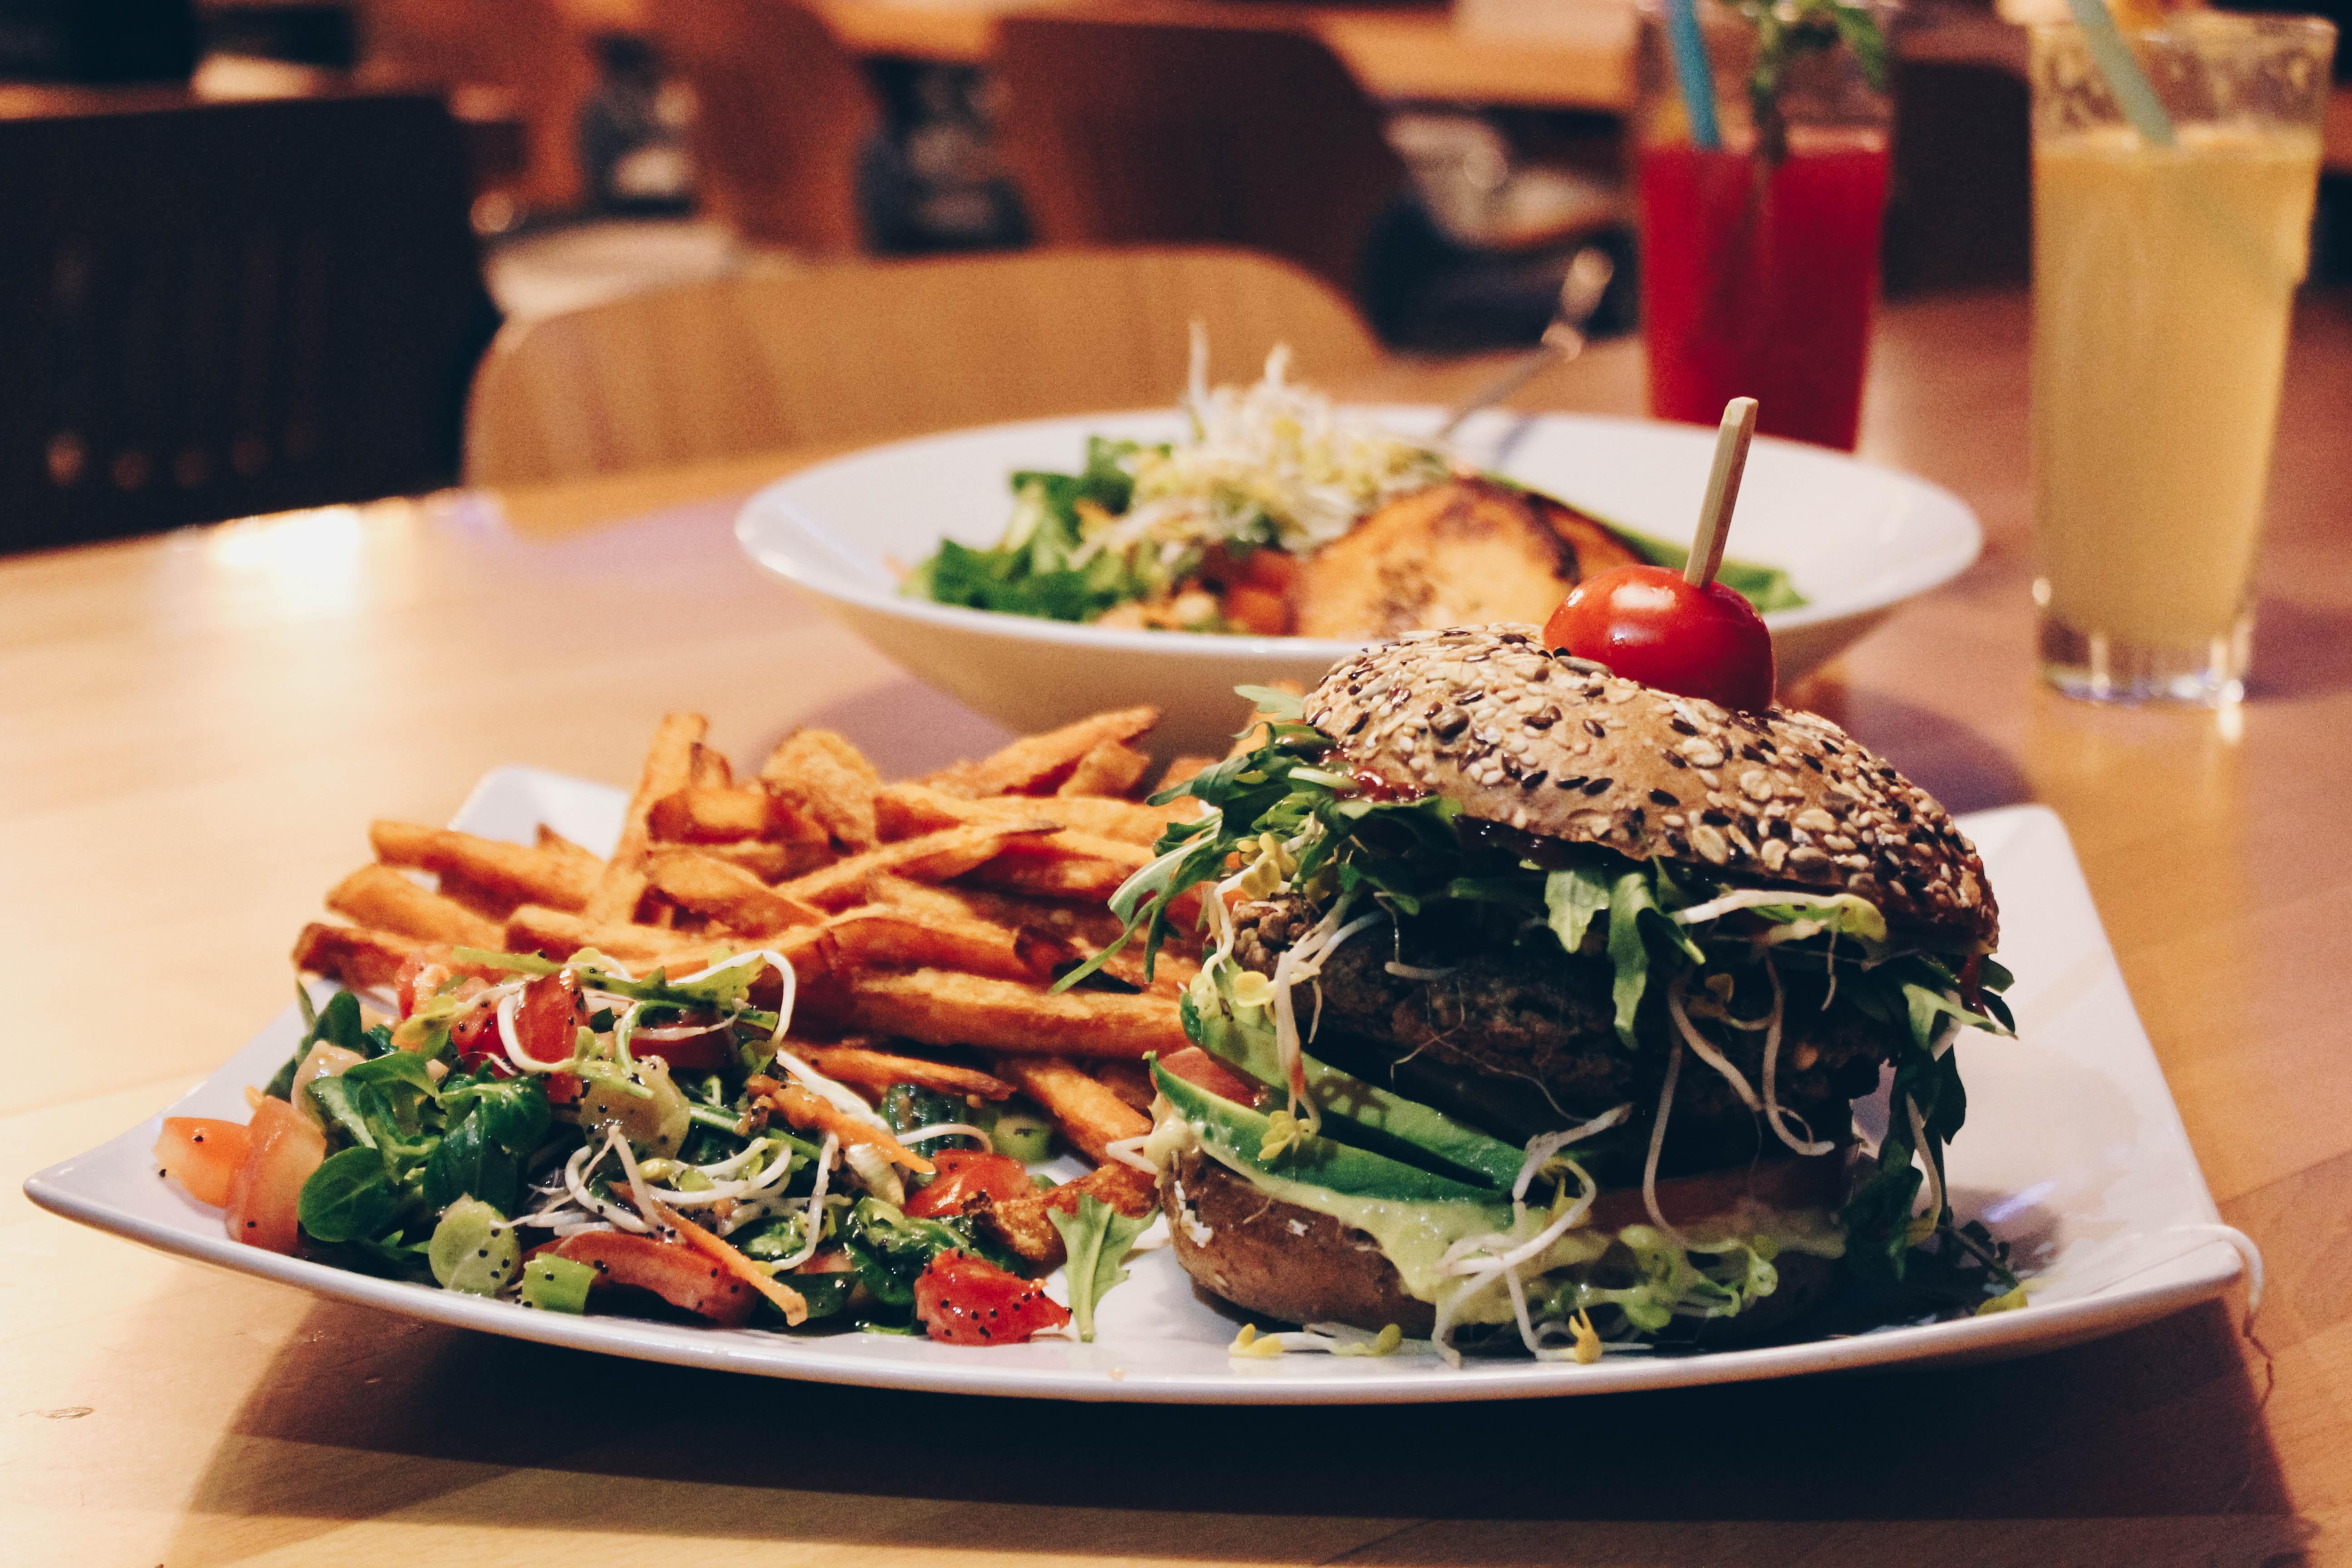 neuer hotspot vegane burger und pfannkuchen deluxe im innerluck mit vergn gen hamburg. Black Bedroom Furniture Sets. Home Design Ideas